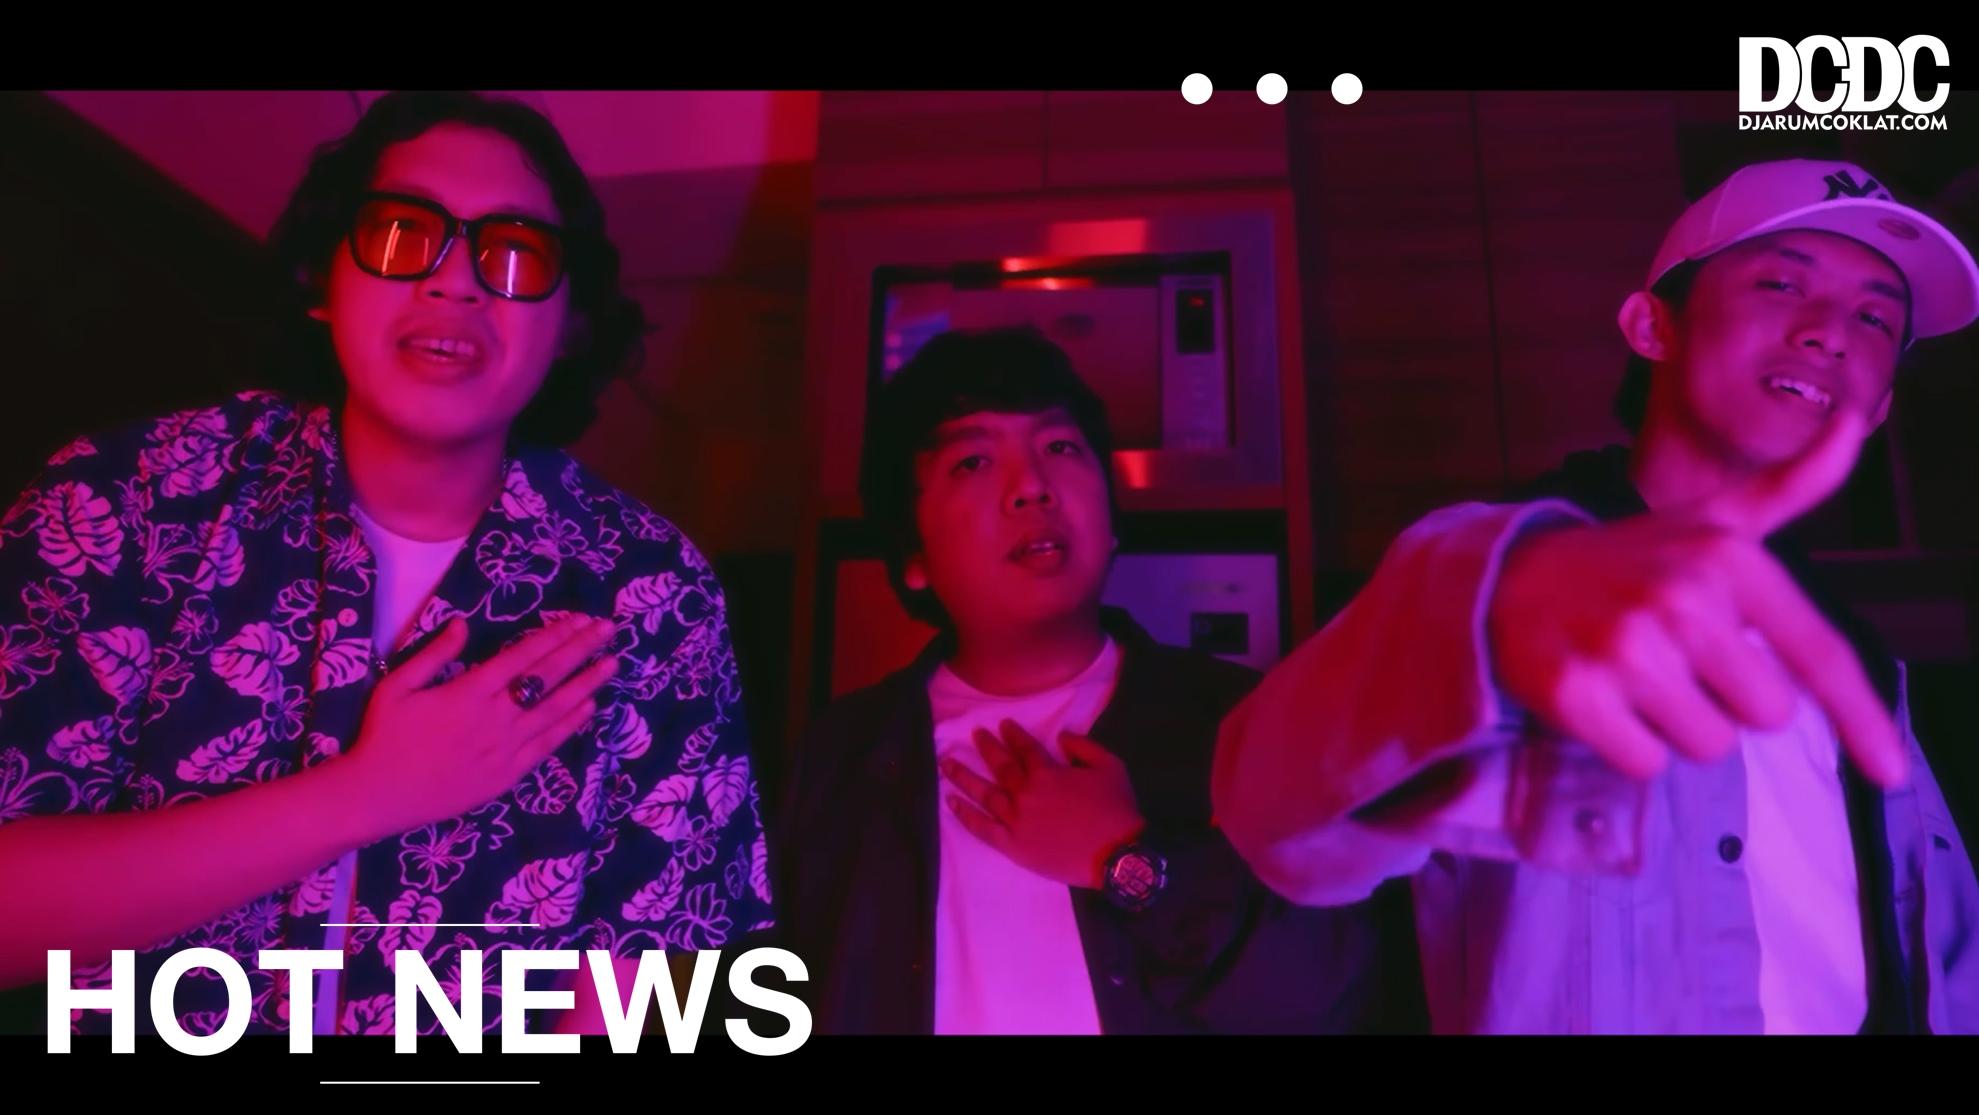 """Drewgon Ingatkan untuk Istirahat di Video Musik """"7th Day"""""""